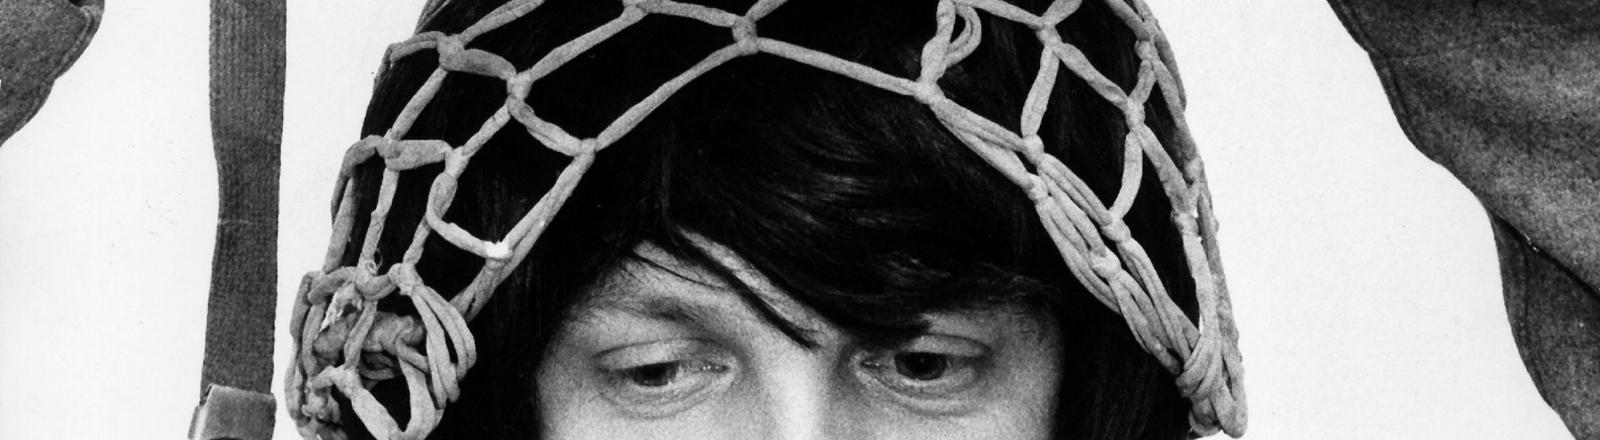 Deutscher Soldat mit Haarnetz